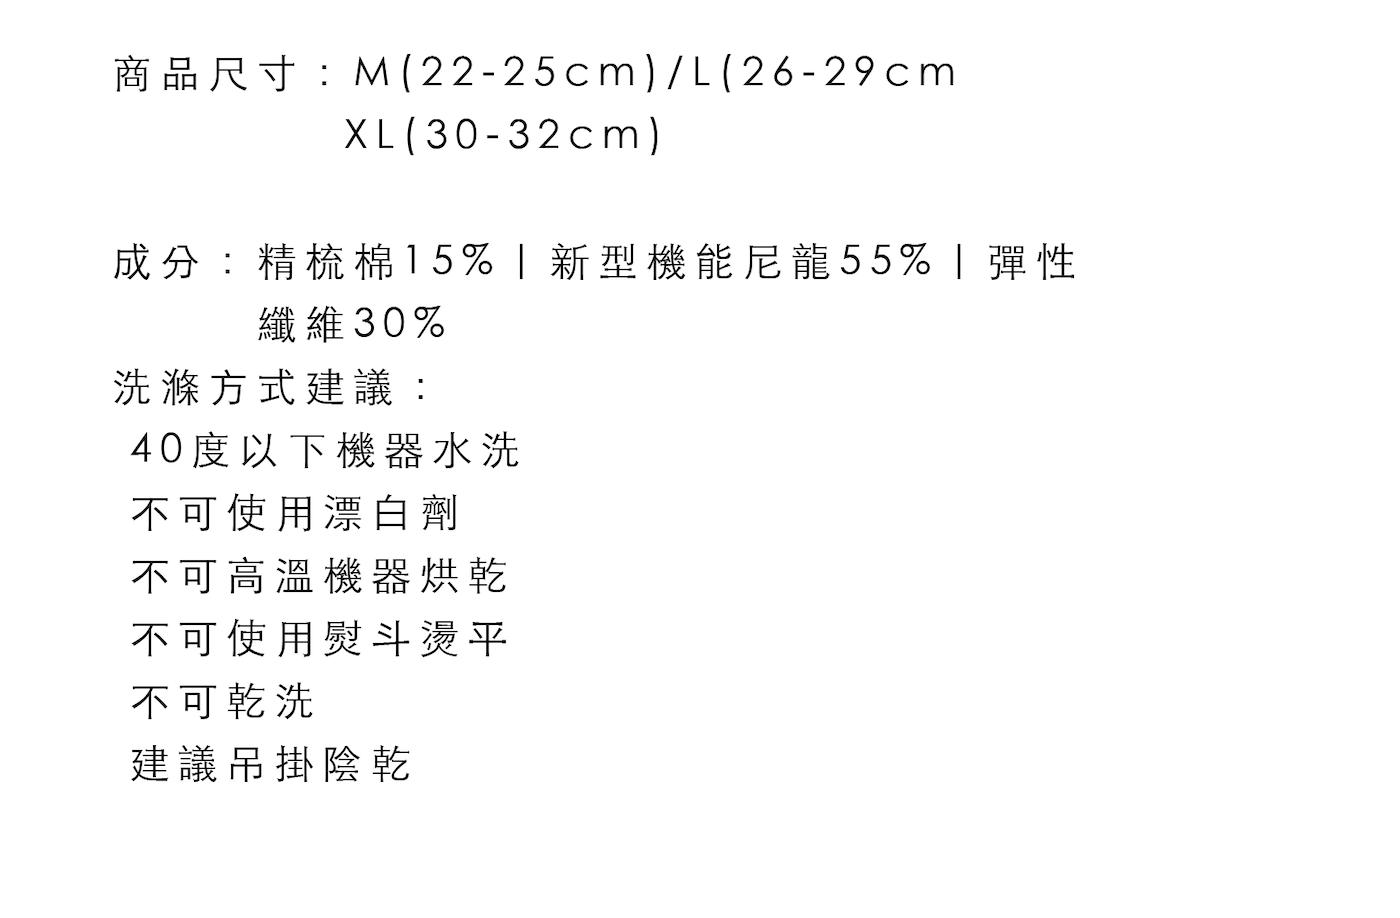 商品尺寸規格